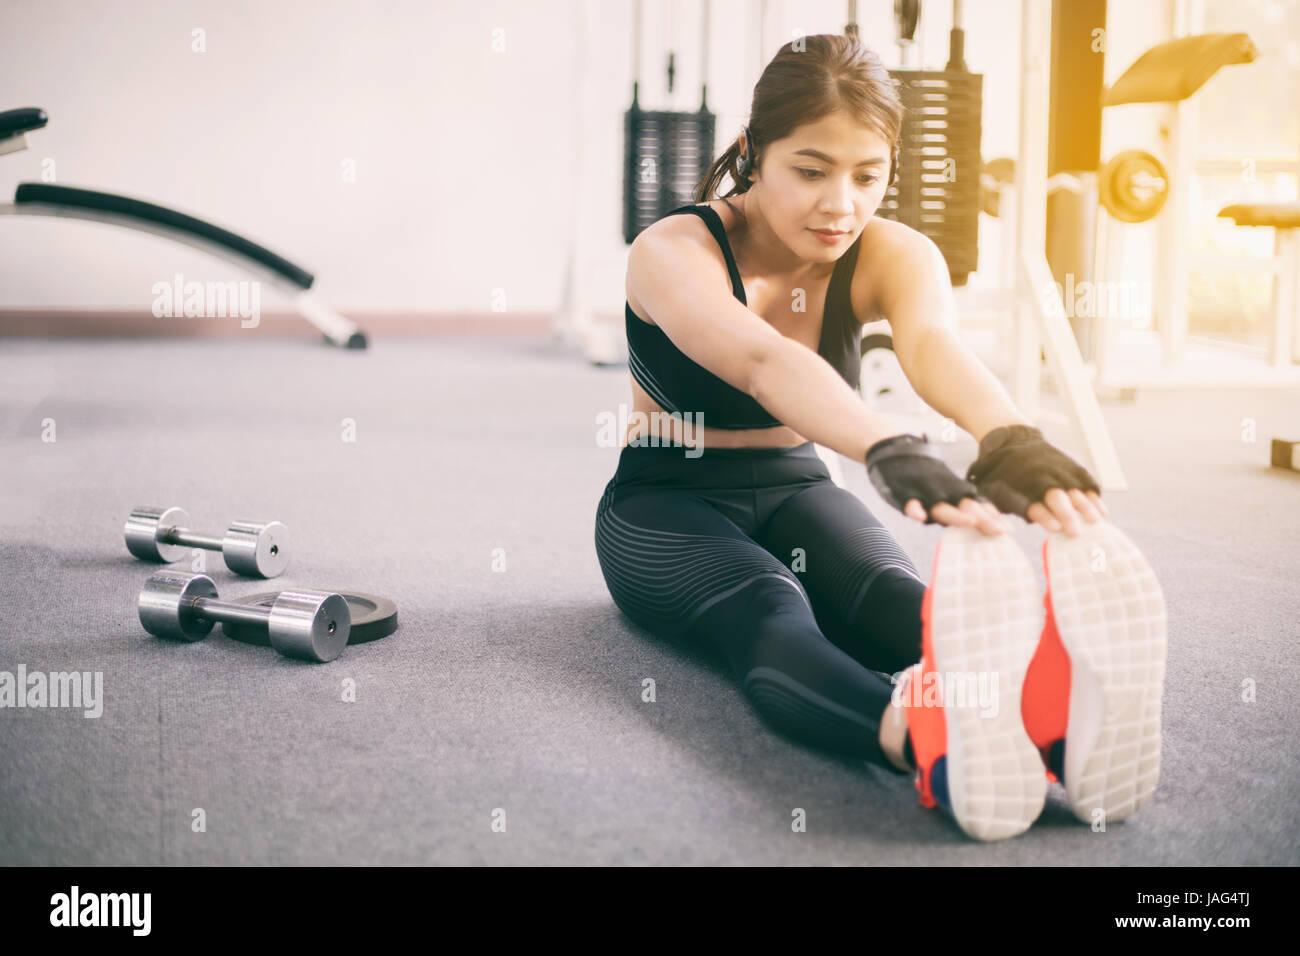 Athletic mujer asiática y calentamiento de la atleta femenina joven sentado en un ejercicio y estiramientos Imagen De Stock